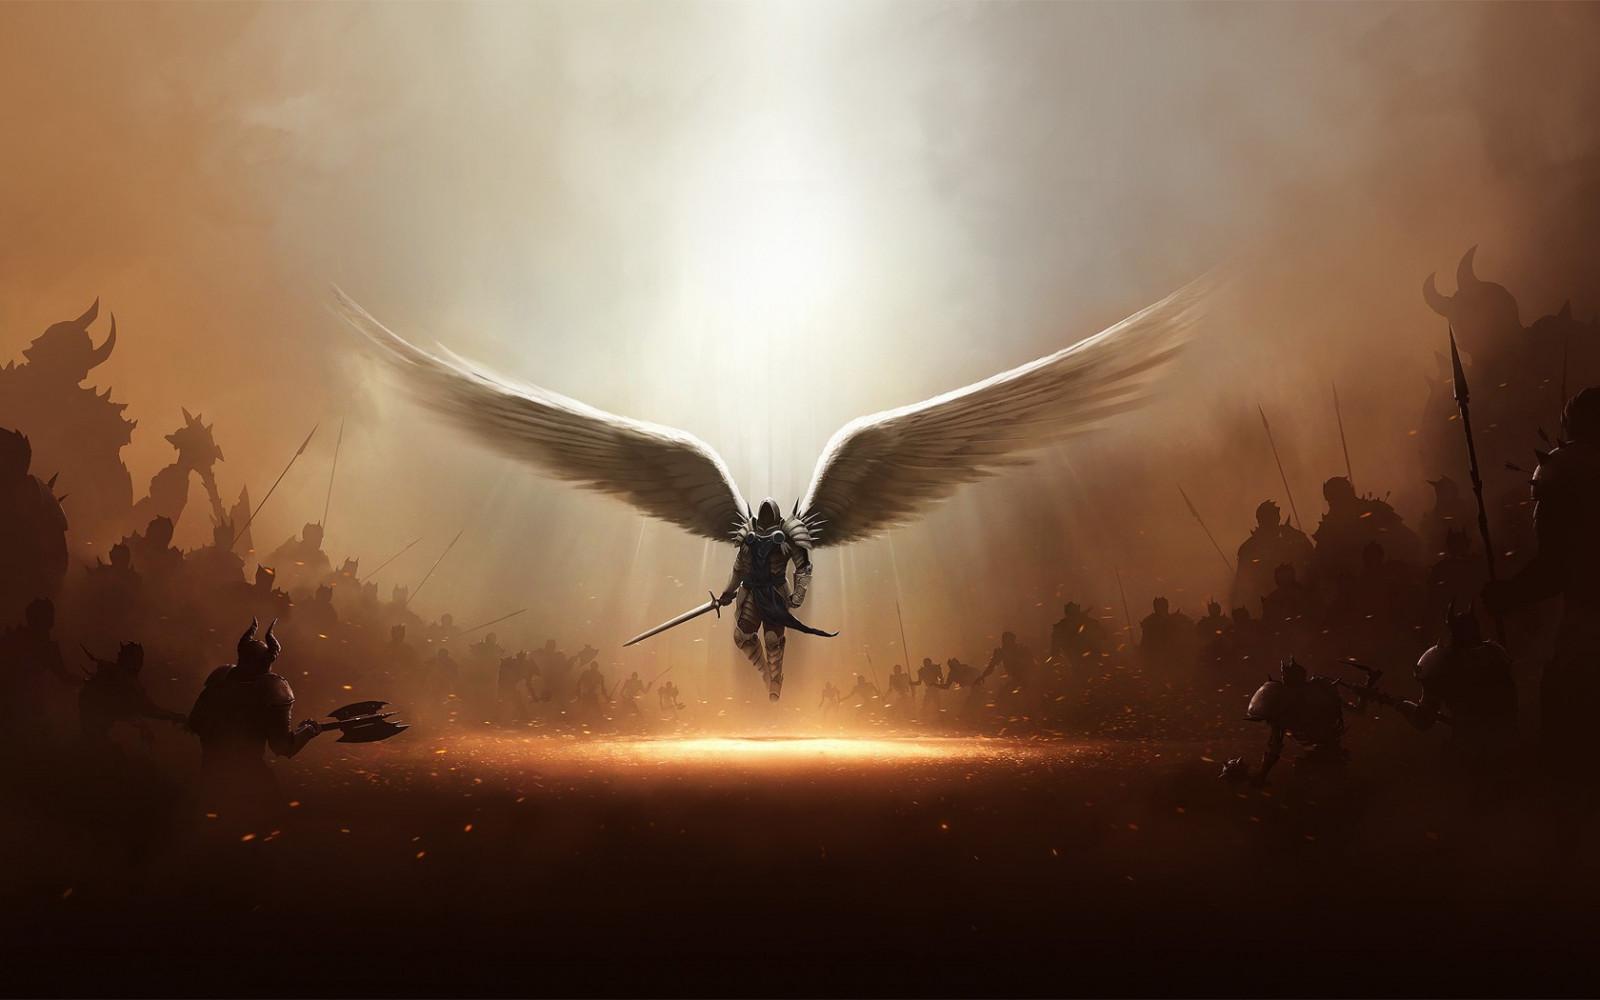 ангелы архангелы пролетают над твоею головою песня